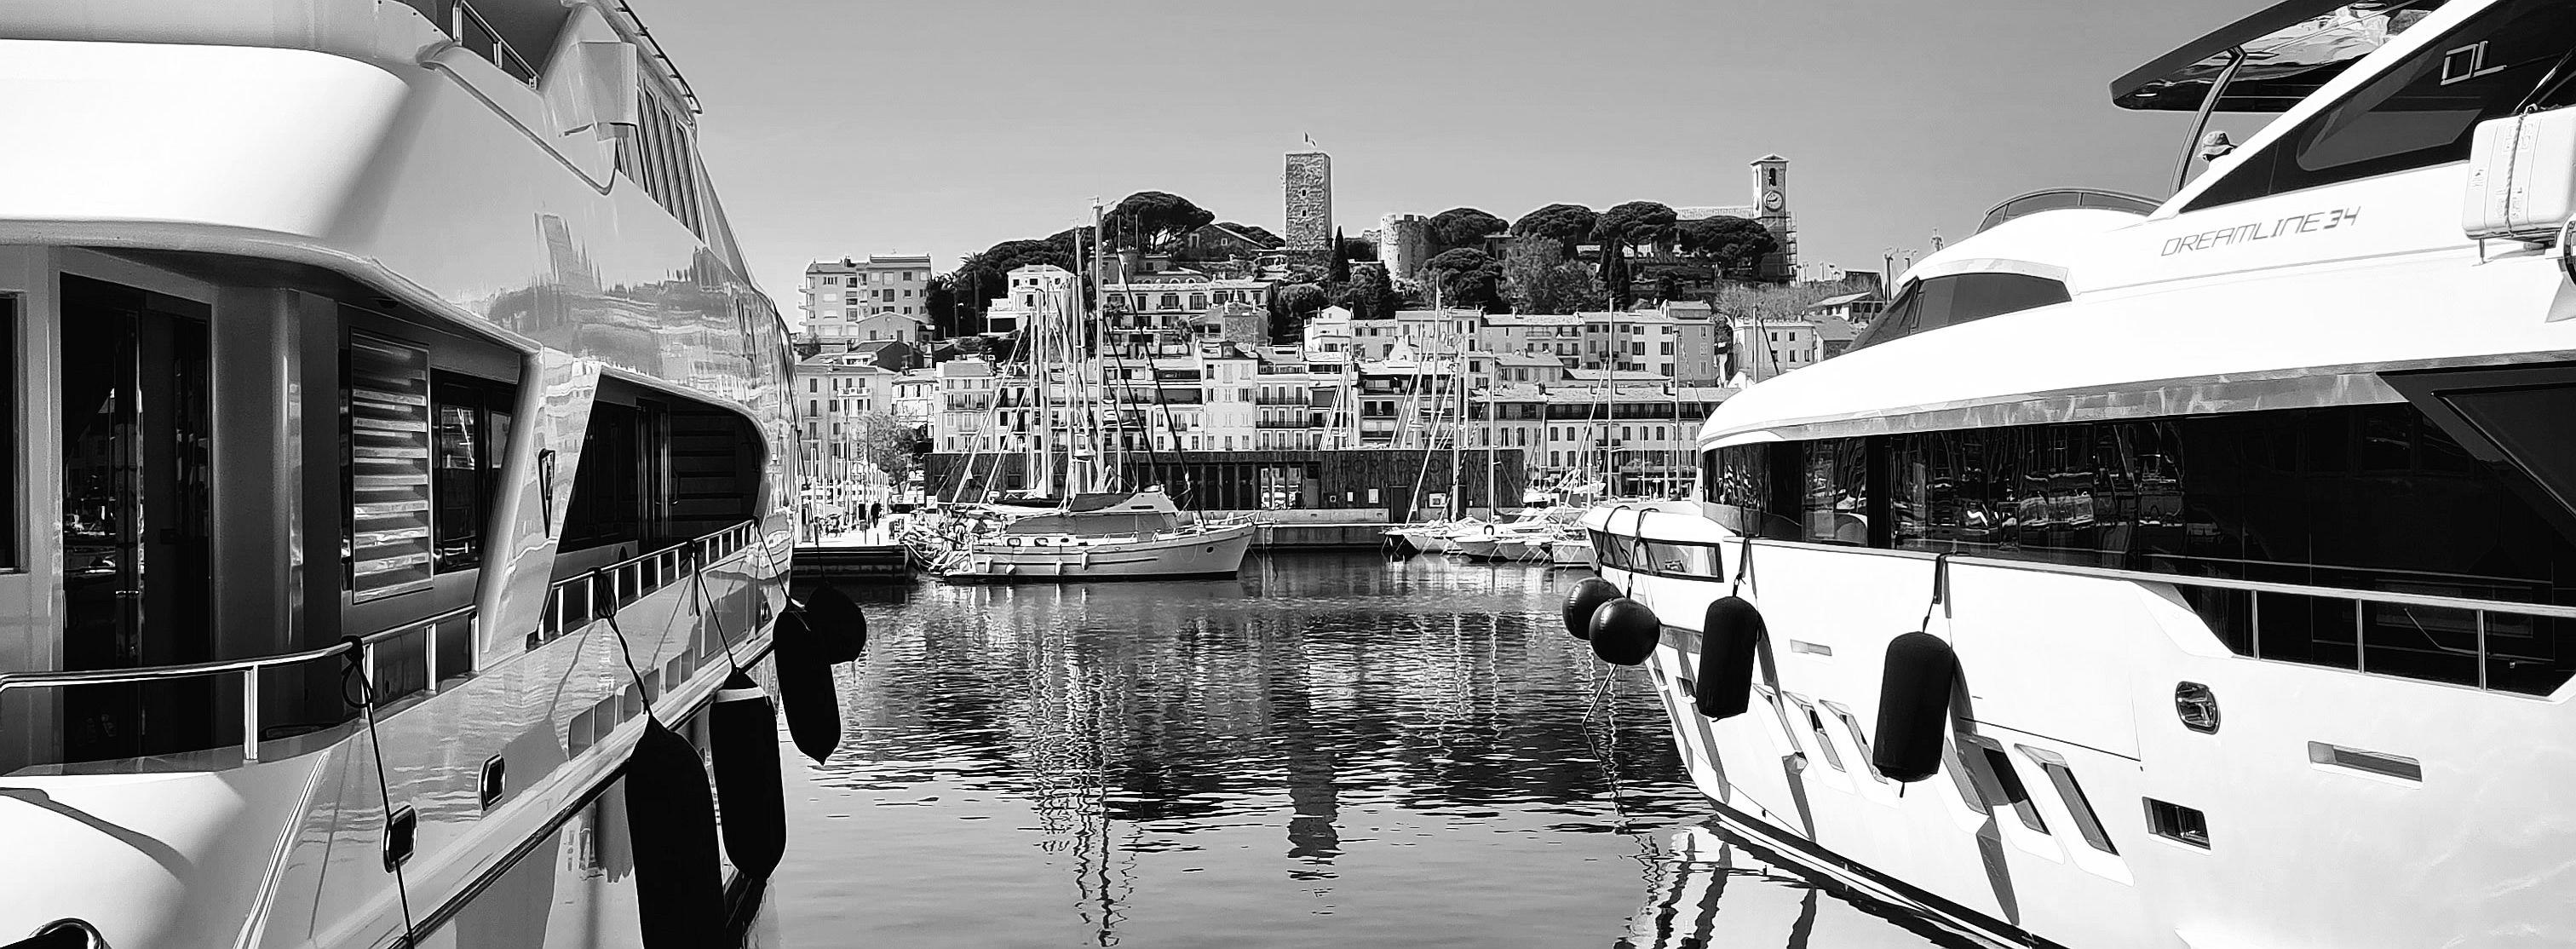 Comment évaluer un bien d'exception ? : le cabinet IFC EXPERTISE FAVRE REGUILLON est spécialisé en matière de valorisation de biens exceptionnels sur l'ensemble du territoire français